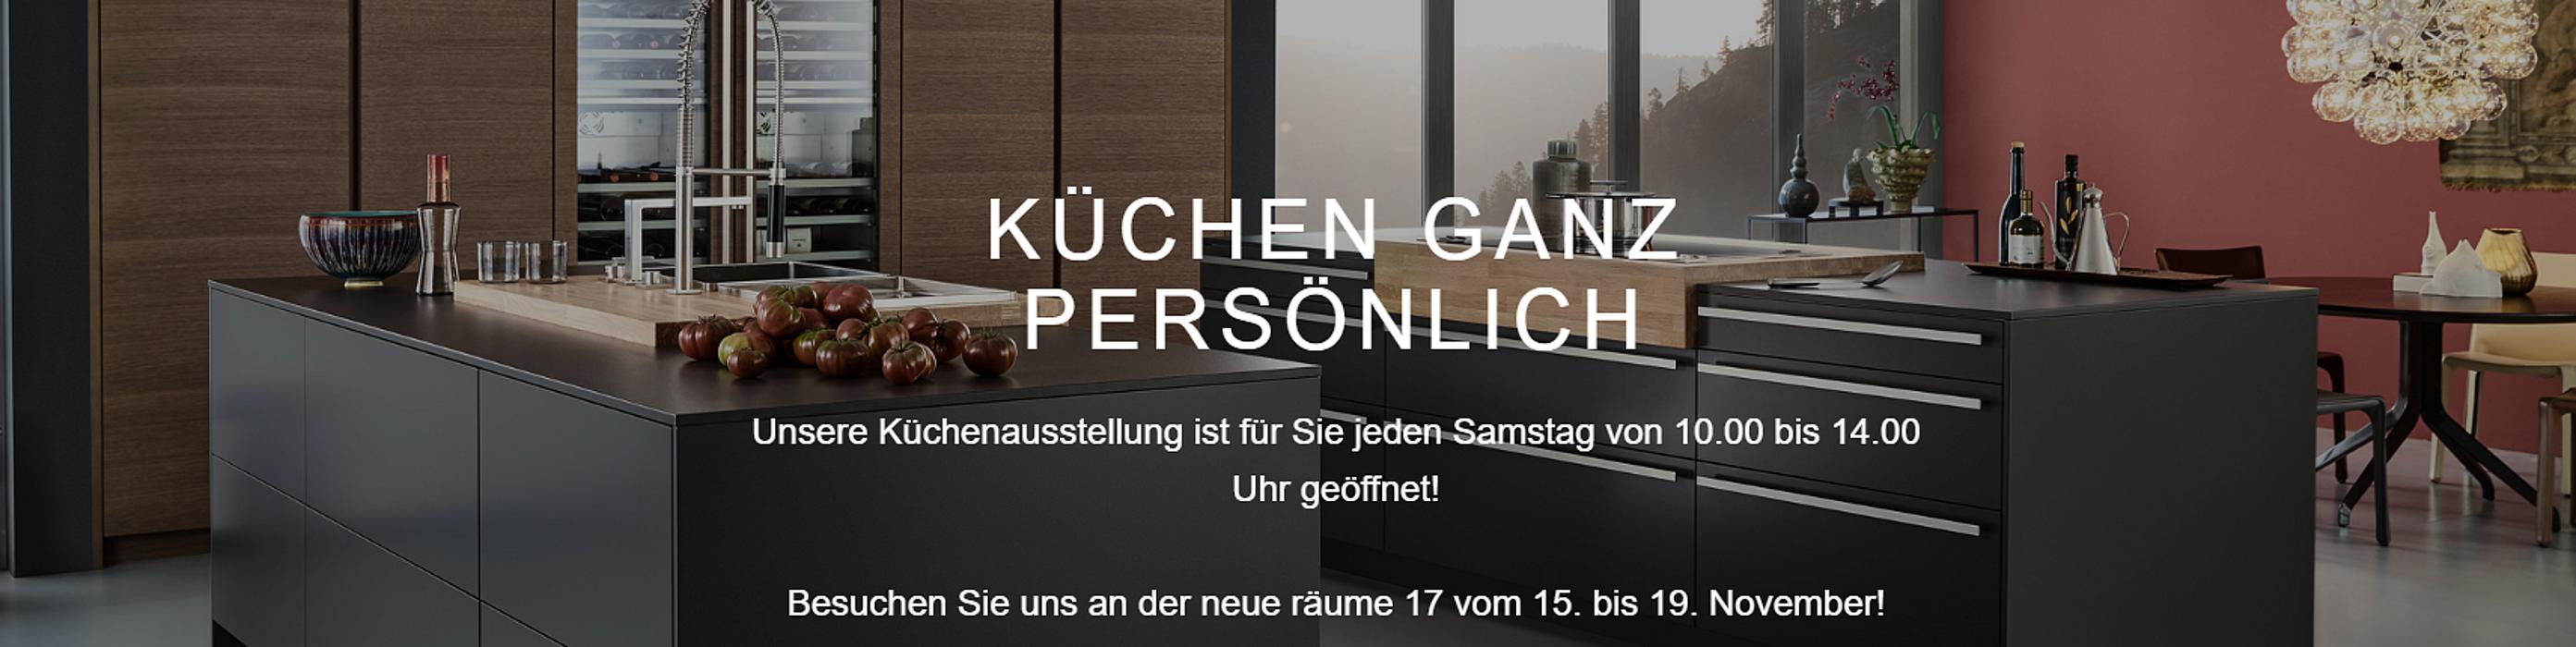 Kurt Keller AG • Zürich, Lyrenweg 6 - Öffnungszeiten & Angebote